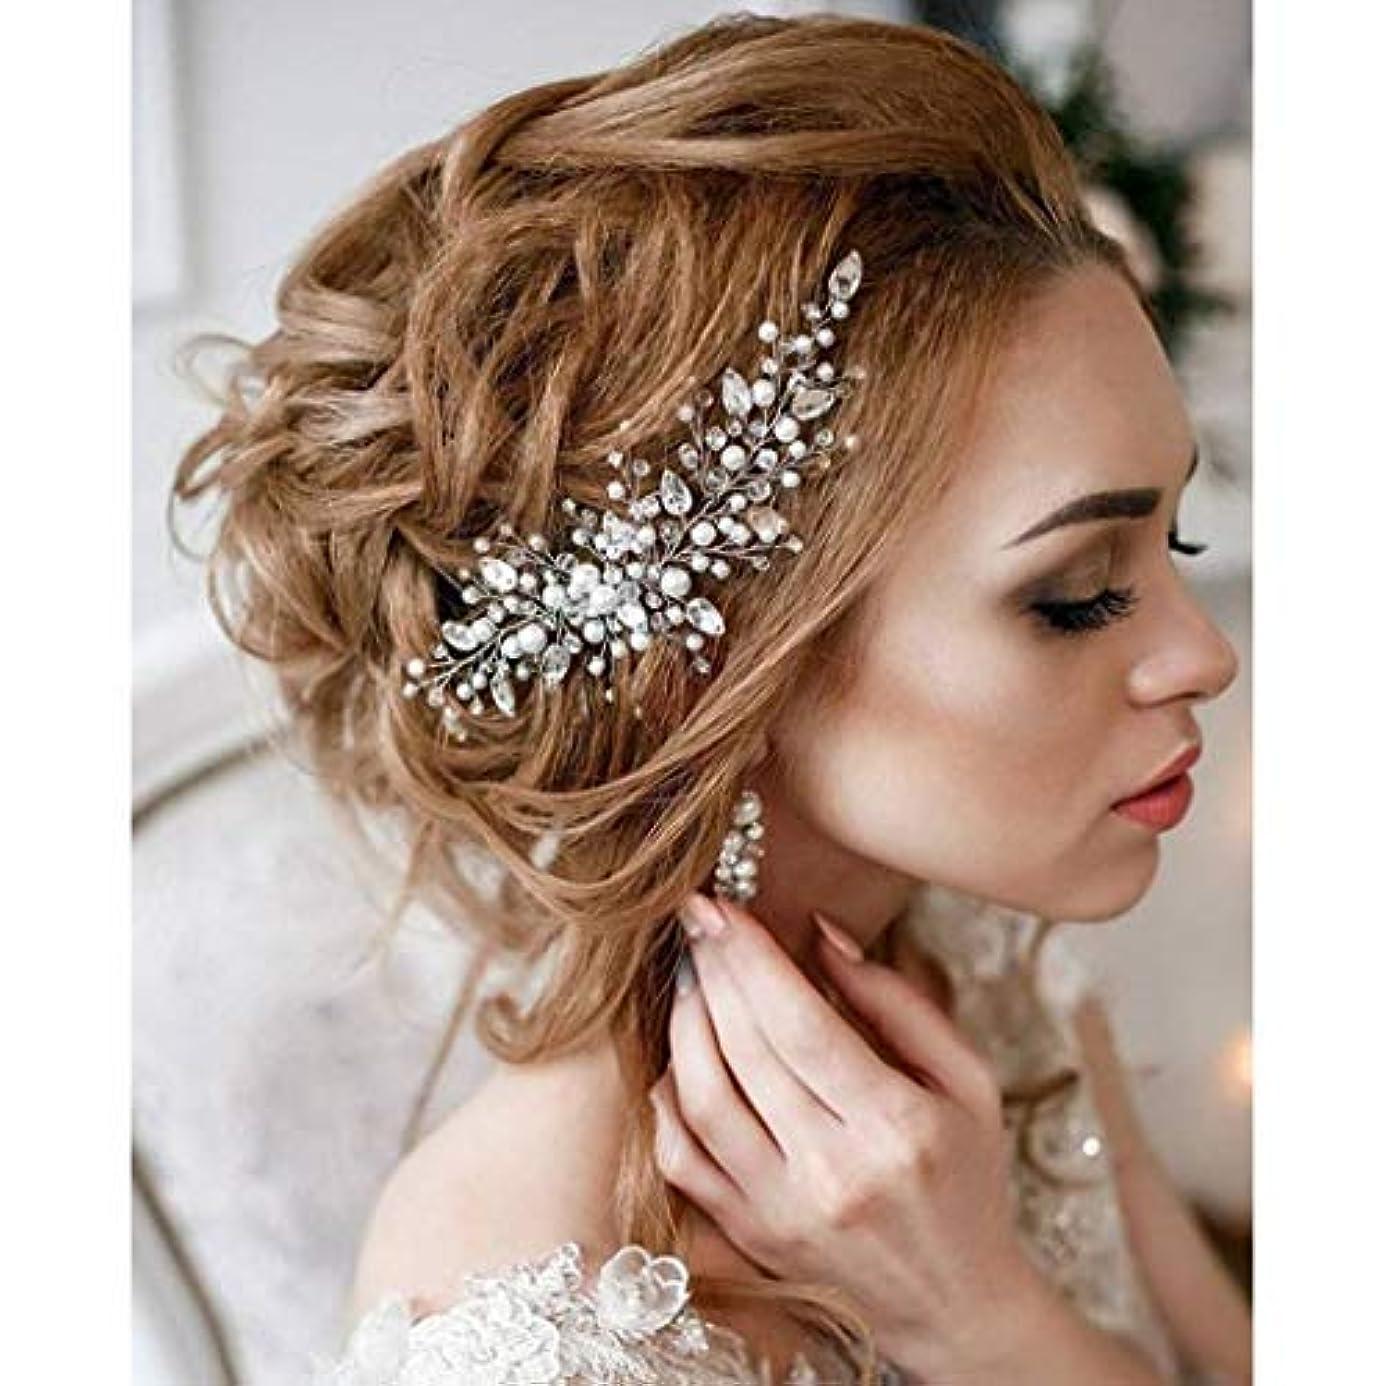 有力者熟考するシンカンAukmla Bride Wedding Hair Combs Bridal Hair Accessories Decorative for Brides and Bridesmaids [並行輸入品]